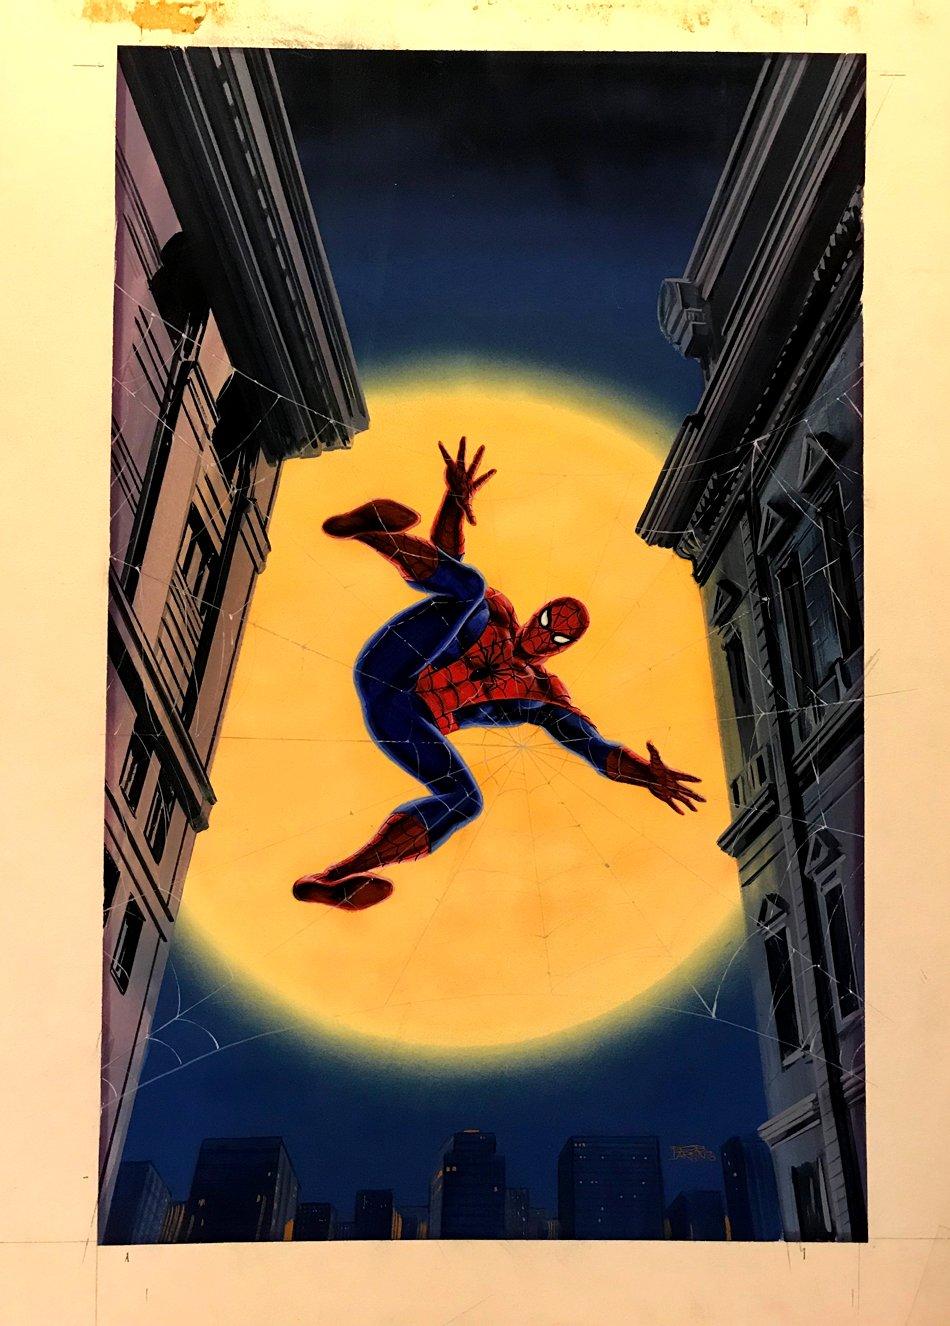 Spider-Man, Mayhem In Manhattan (Spider-Man's VERY FIRST NOVEL & COVER PAINTING) 1978